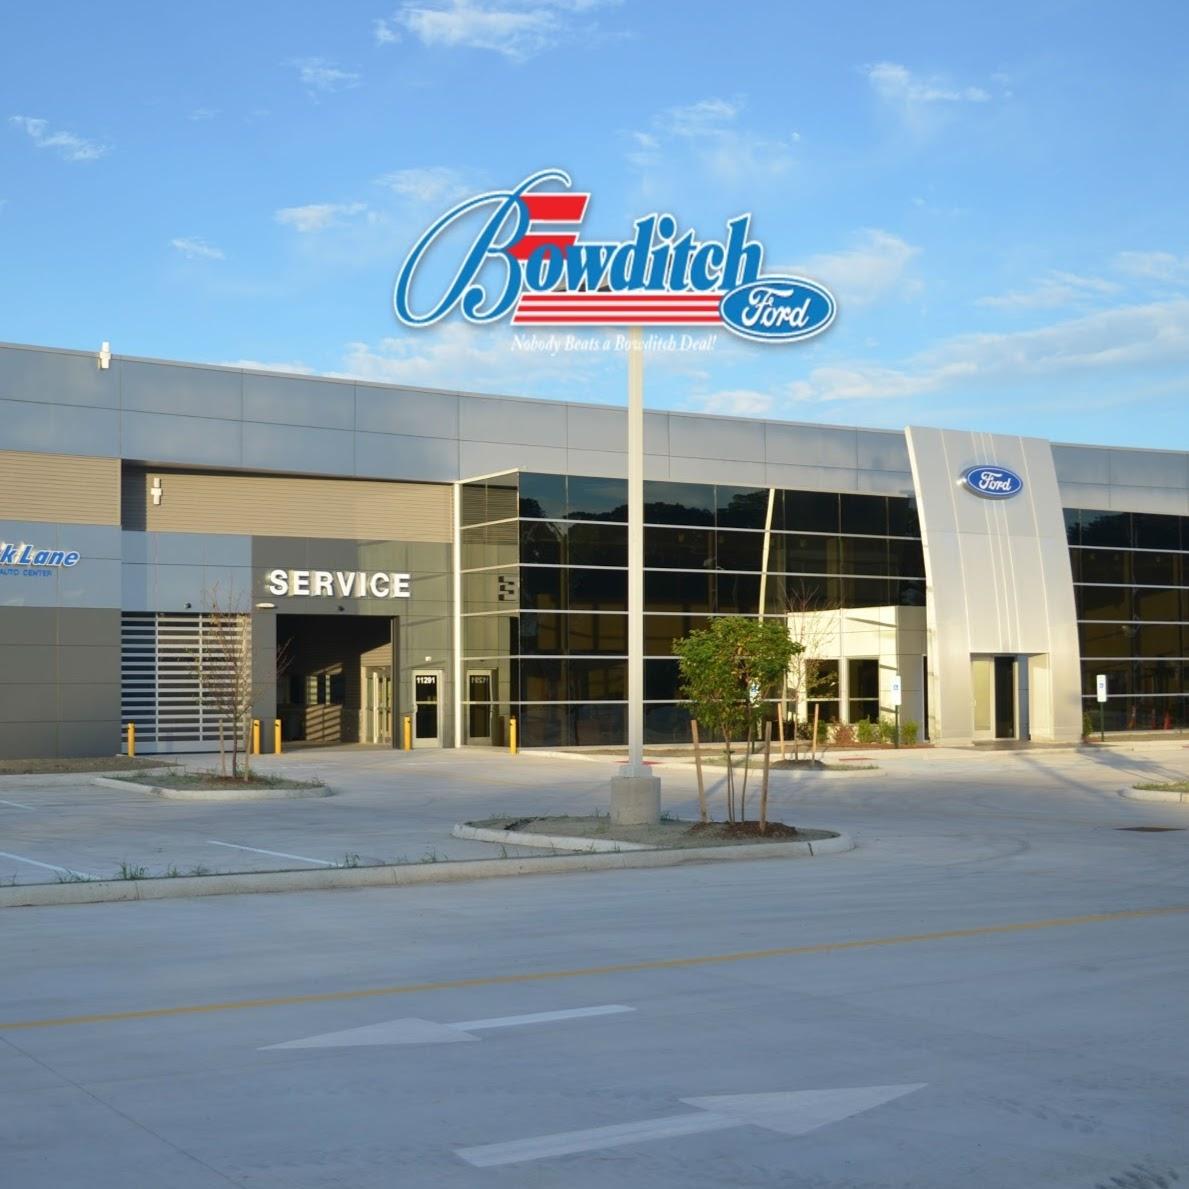 Chevrolet Dealerships In Va: Bowditch Ford, Newport News Virginia (VA)